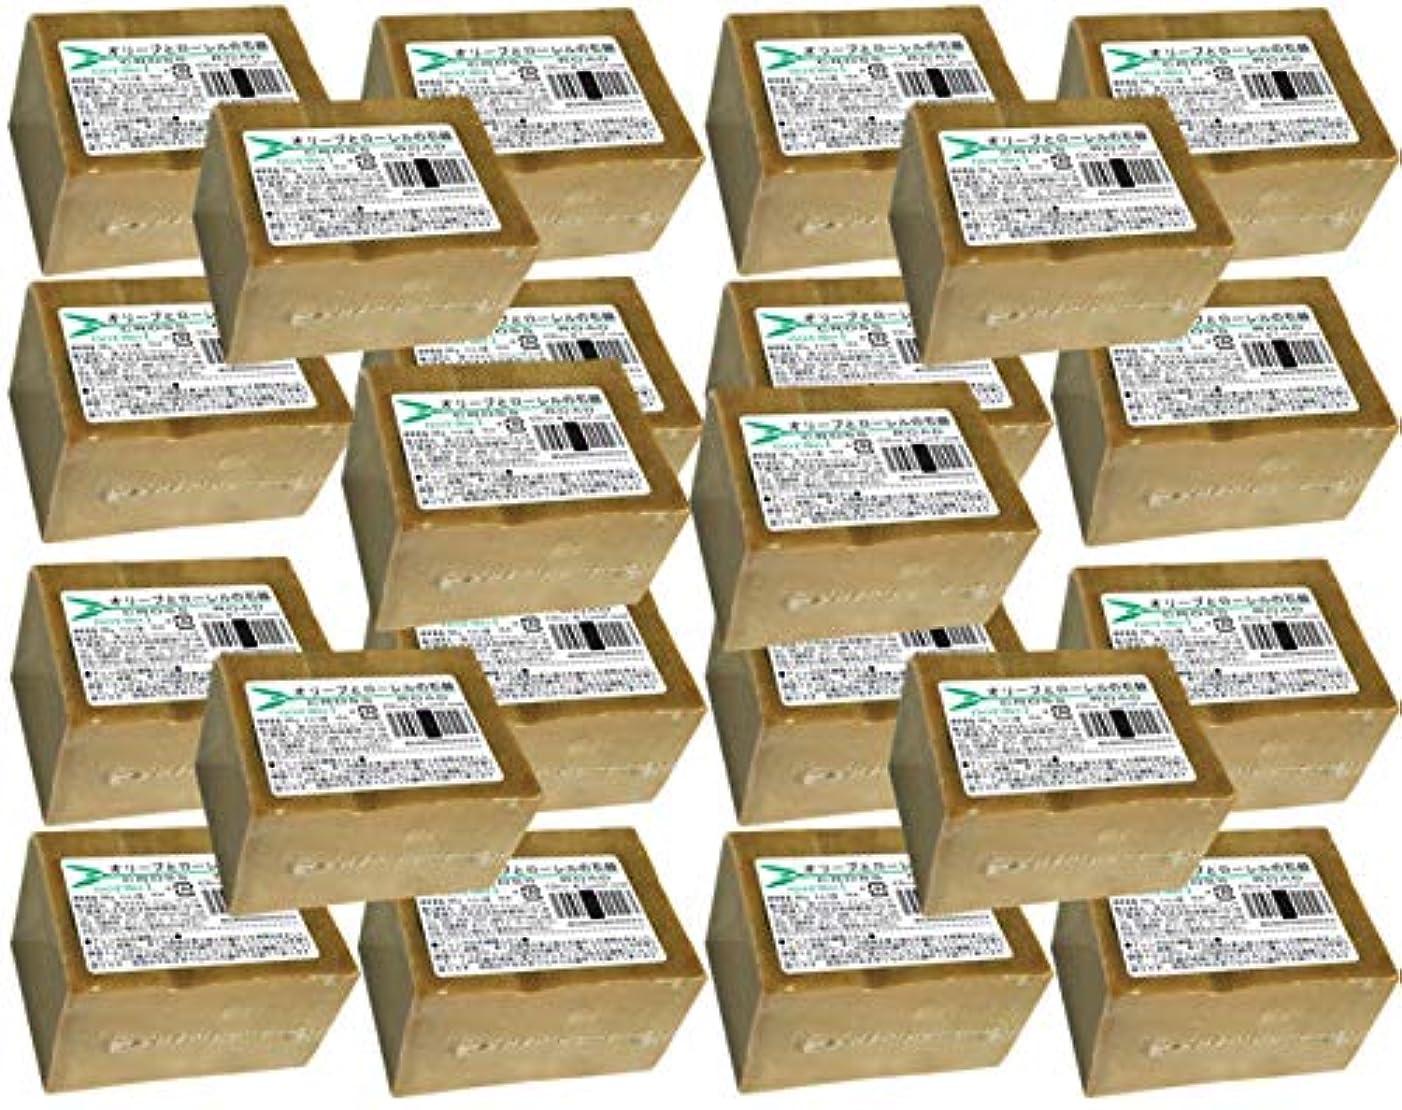 アシュリータファーマン憲法ホバーオリーブとローレルの石鹸(ノーマル)22個セット[並行輸入品]